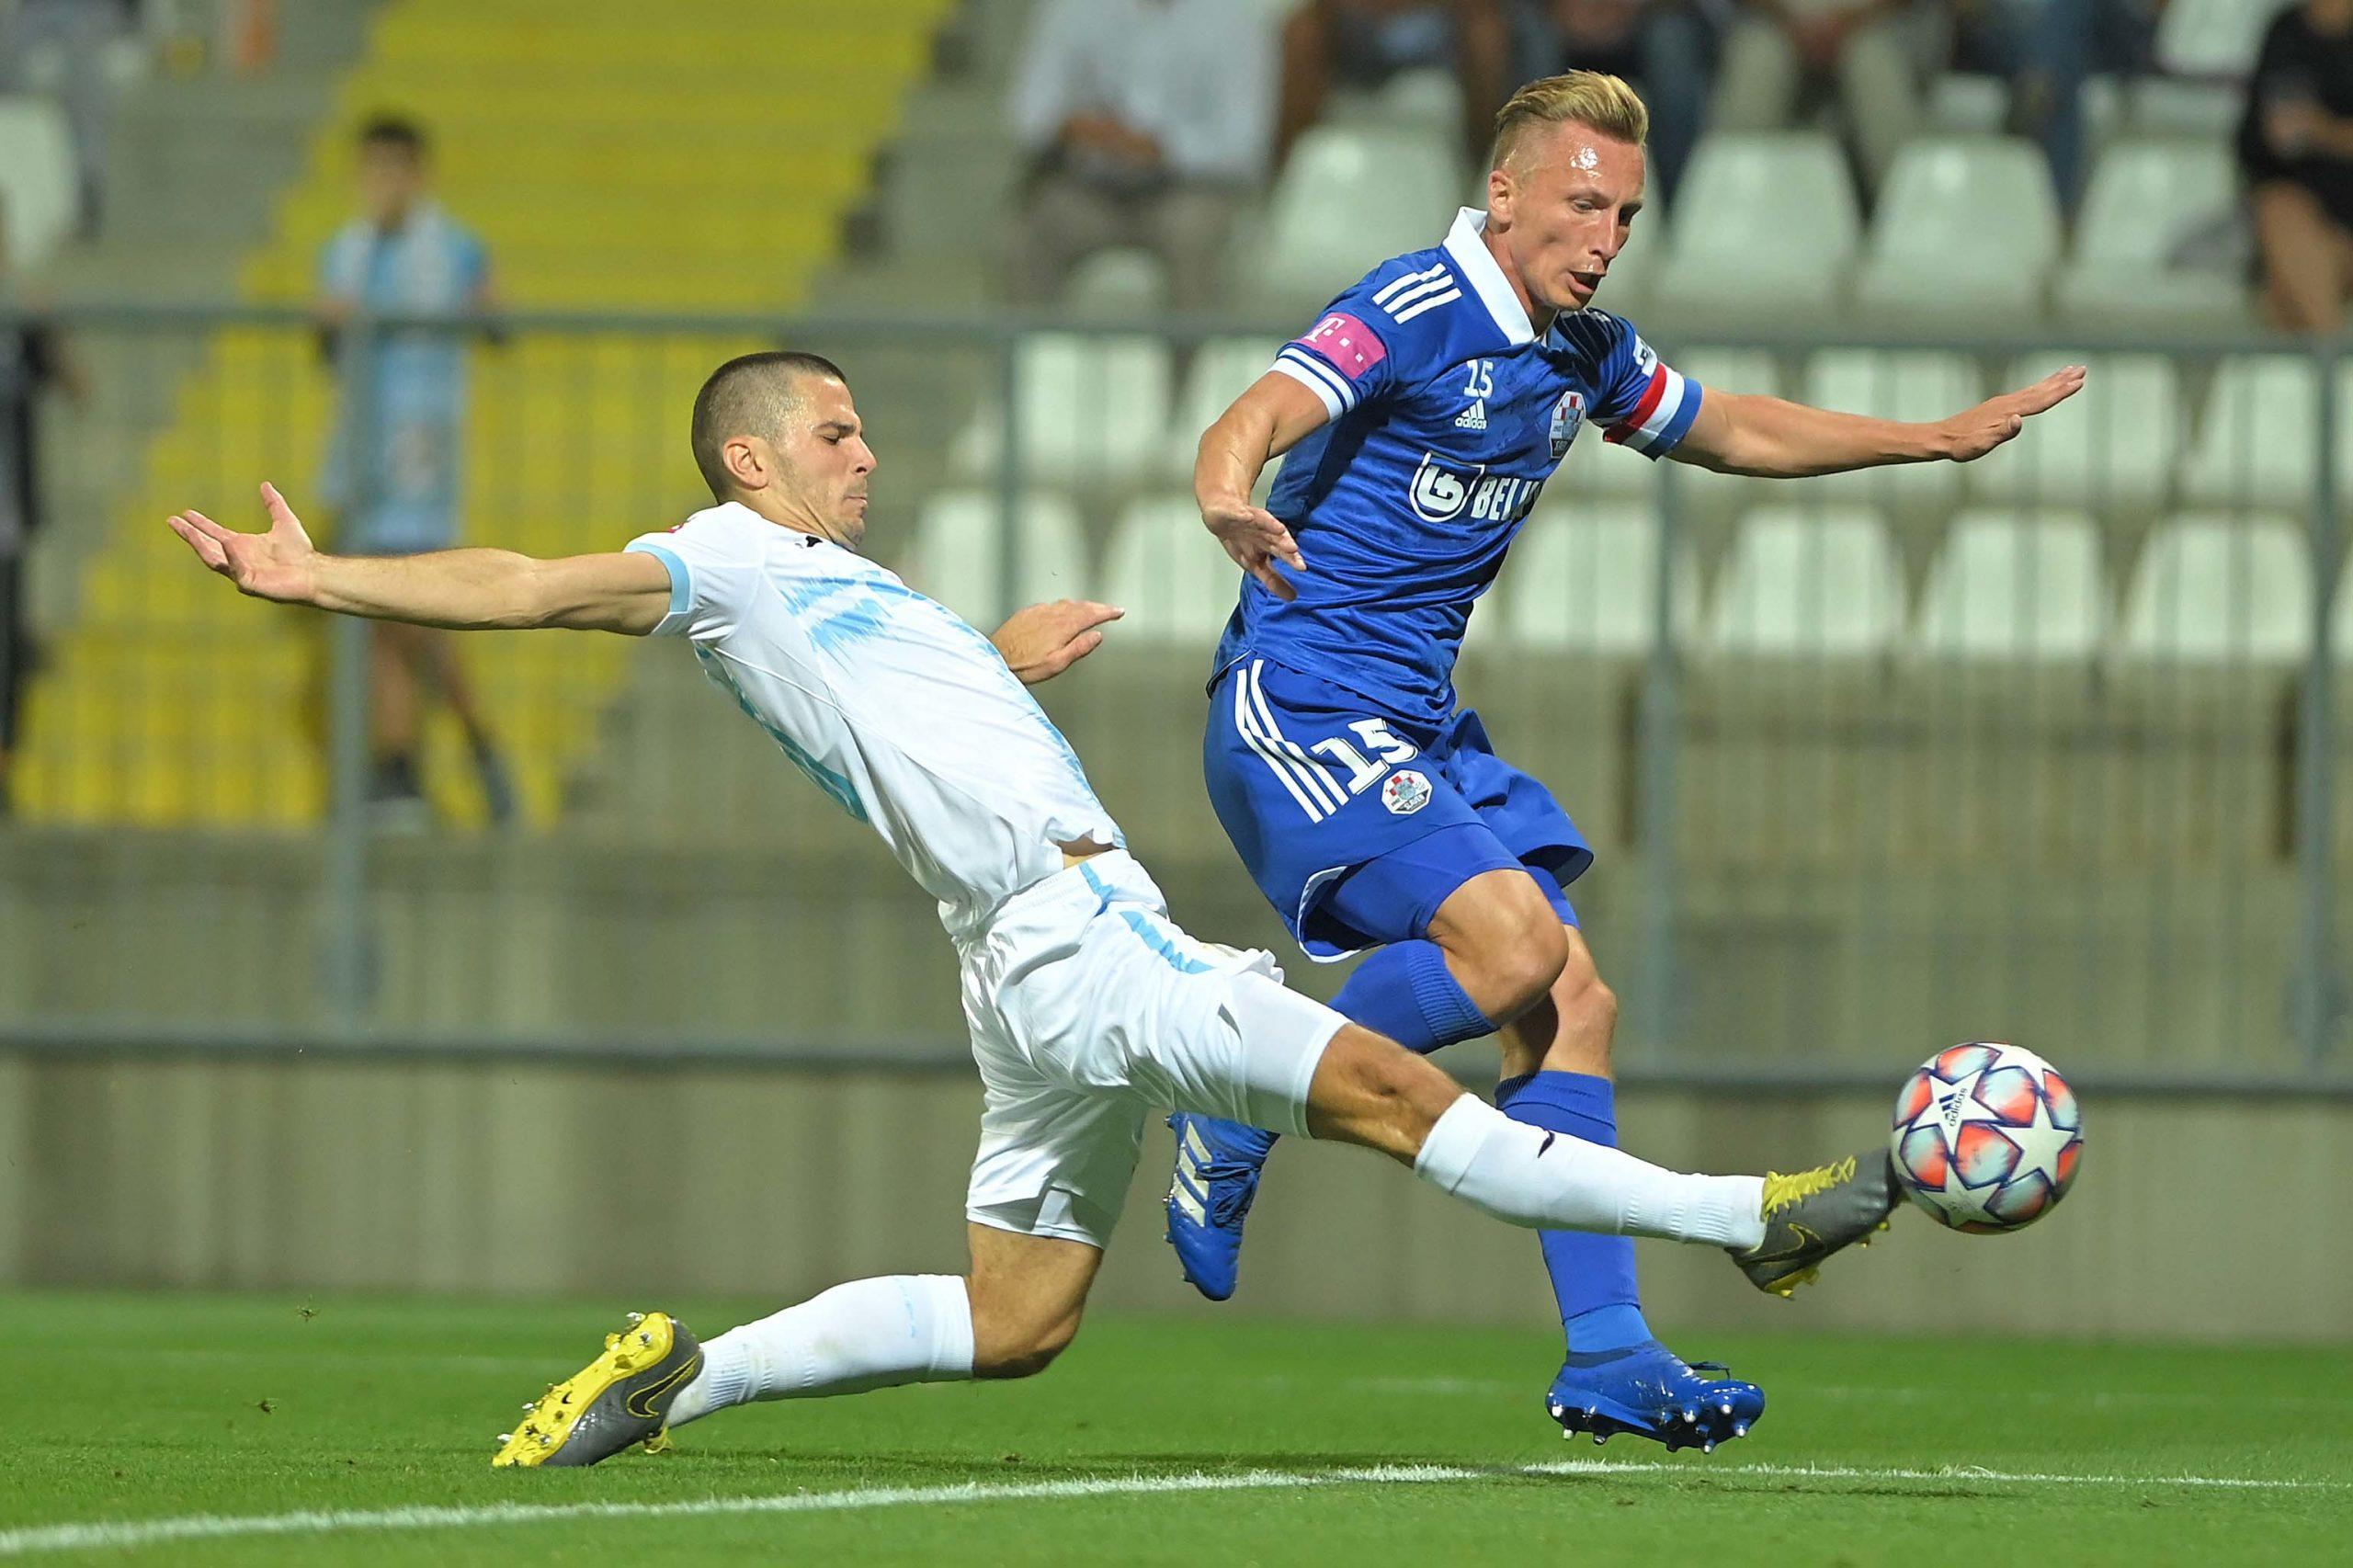 UKLIZAVANJE - Domagoj Pavičić sjajno igra ove sezone u oba smjera/Foto M. LEVAK